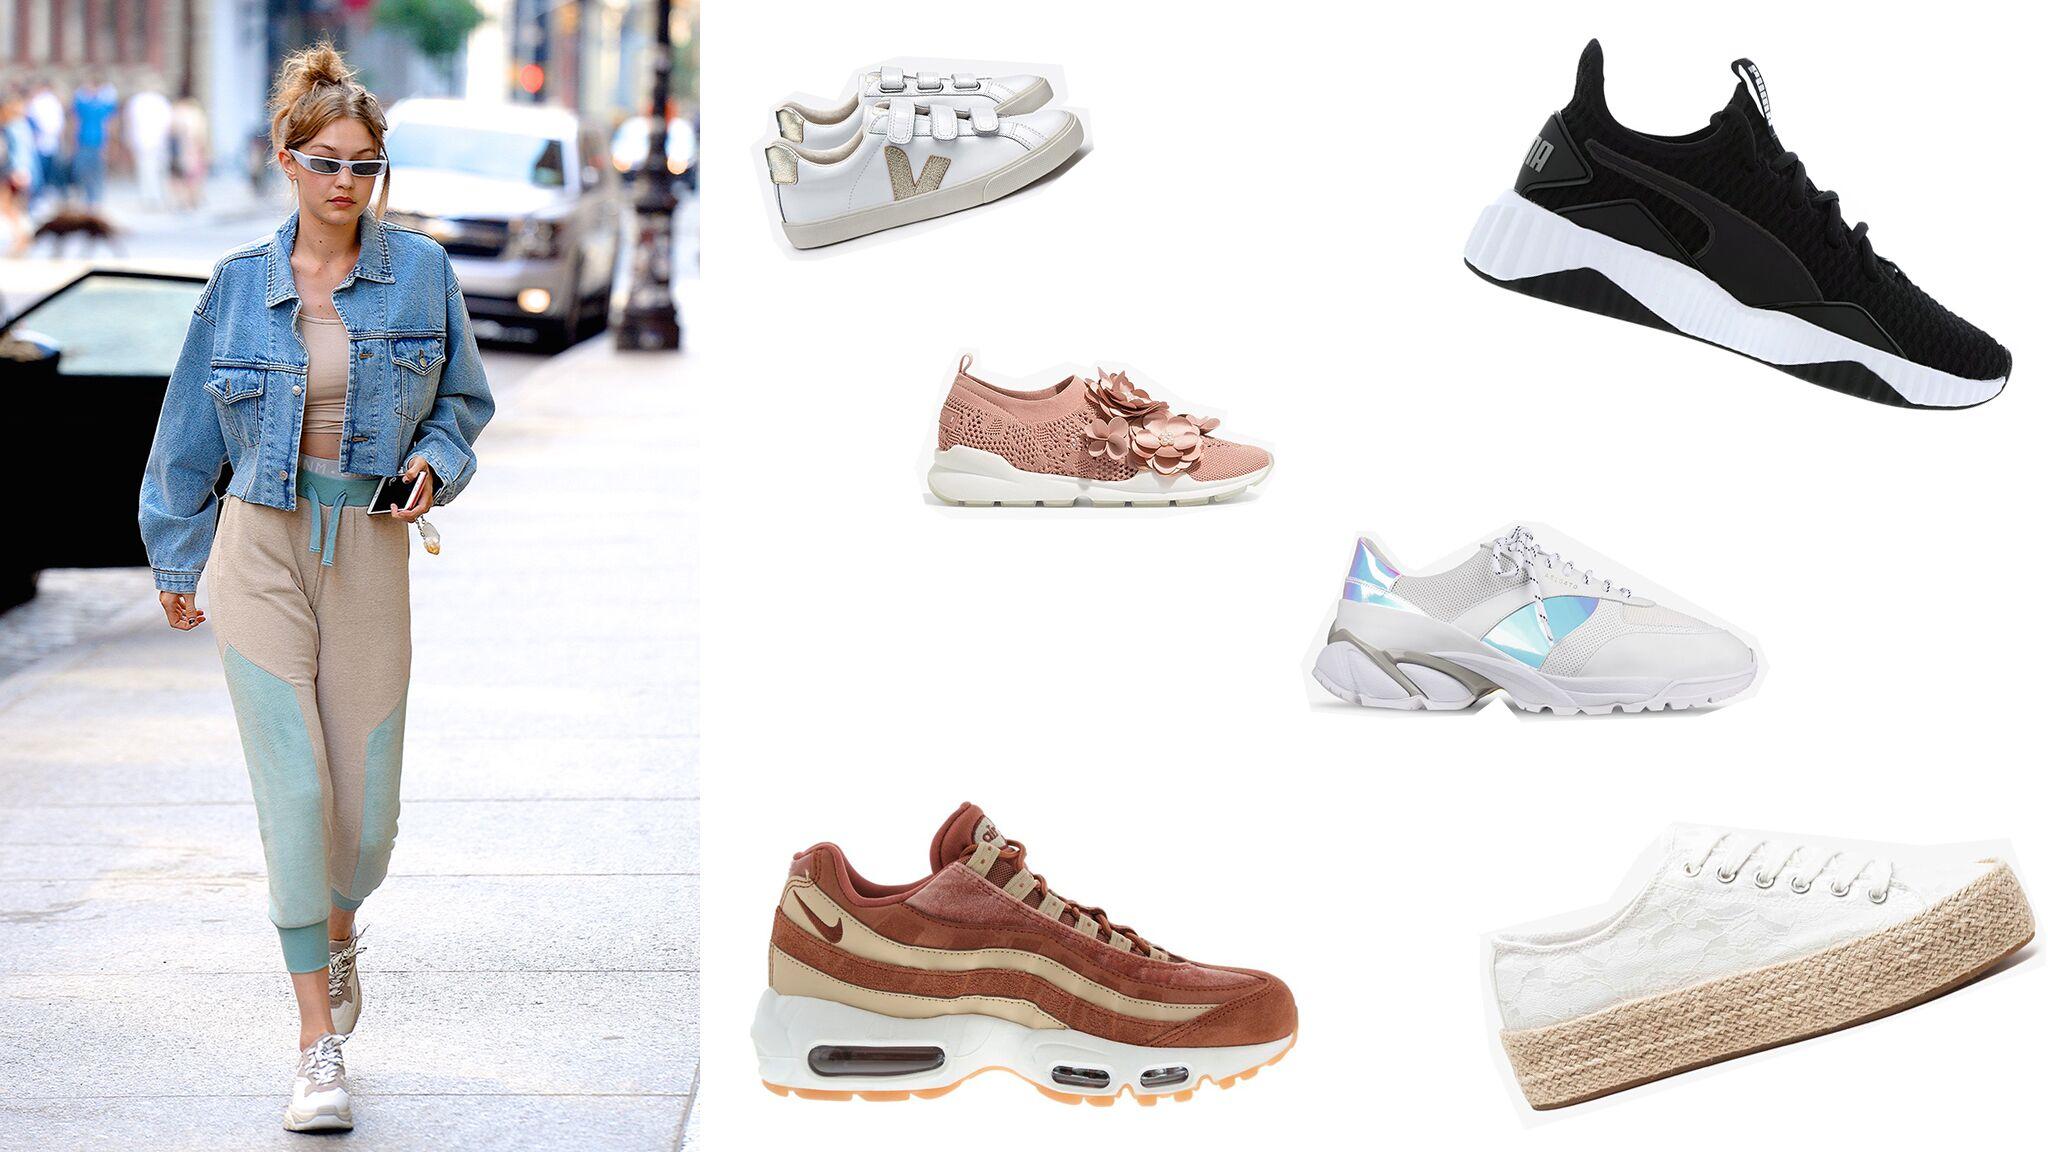 b80587bcbf1332 Sneakers : 40 modèles de baskets tendance que l'on adore - Voici